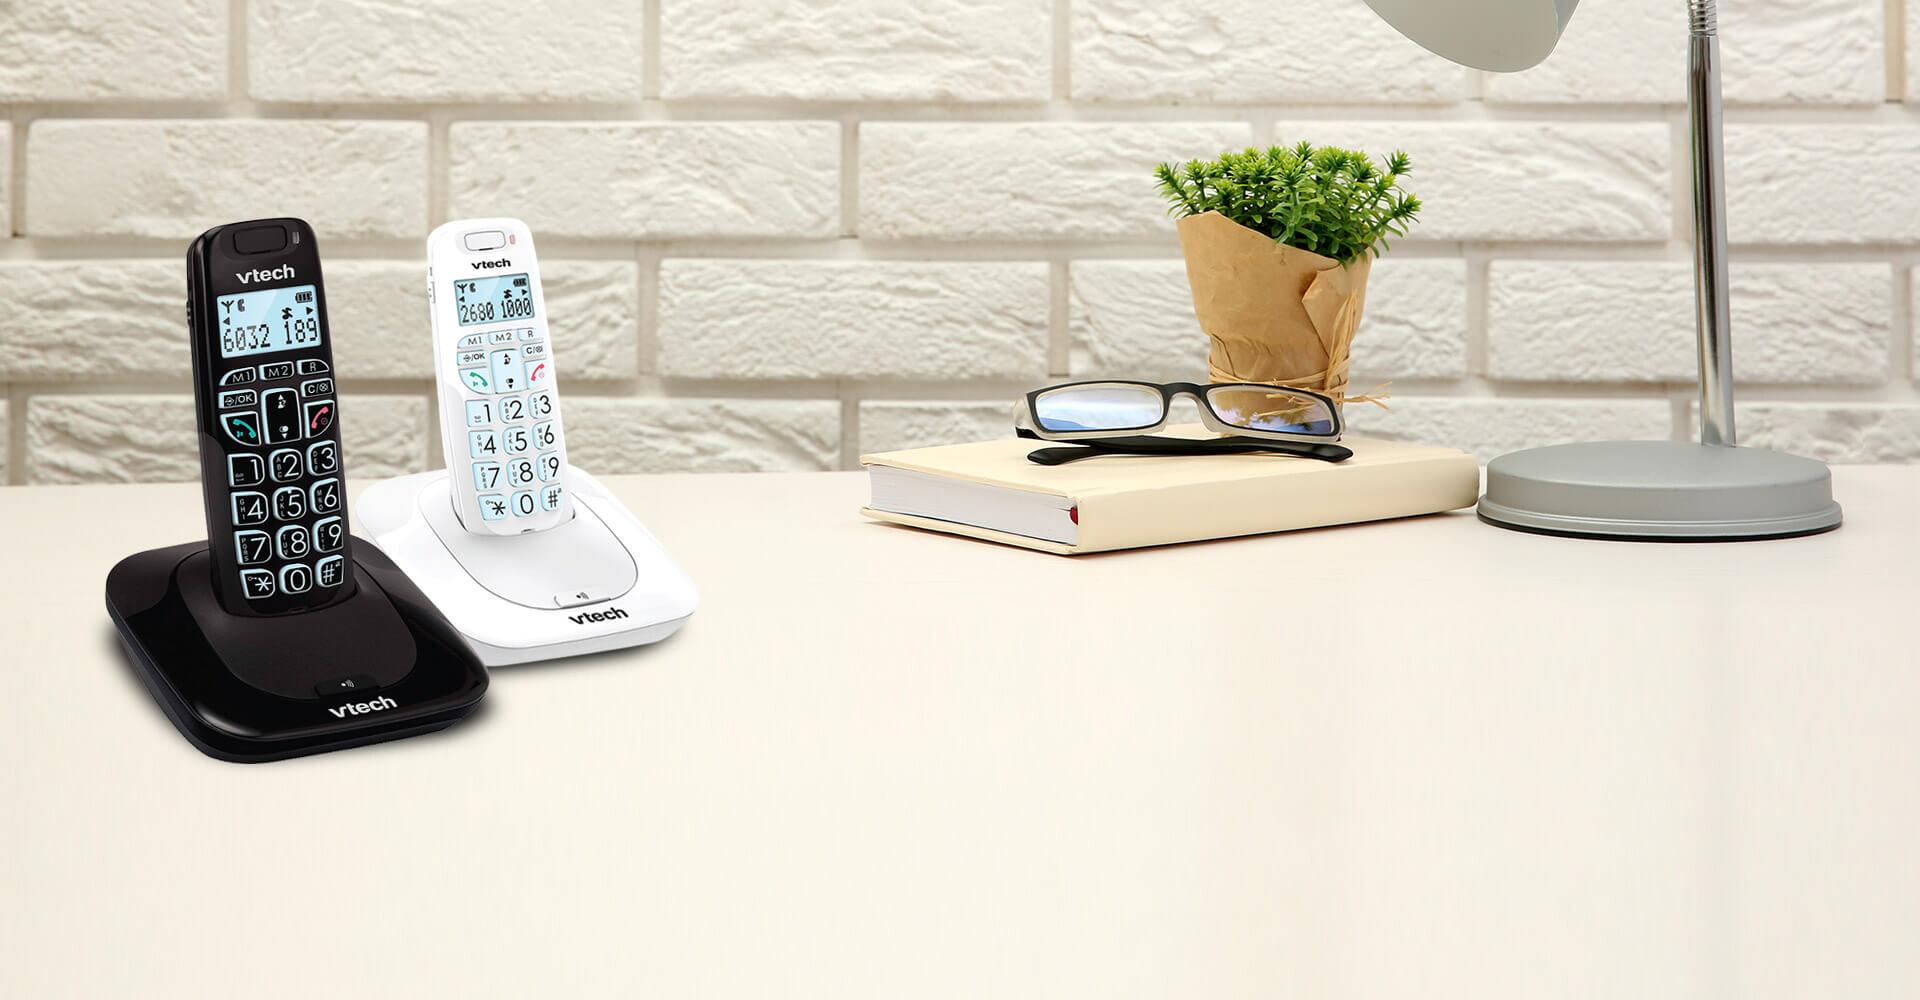 הוראות חדשות טלפון אלחוטי ייעודי לכבדי שמיעה VTECH SLB 150 - בזק SZ-59